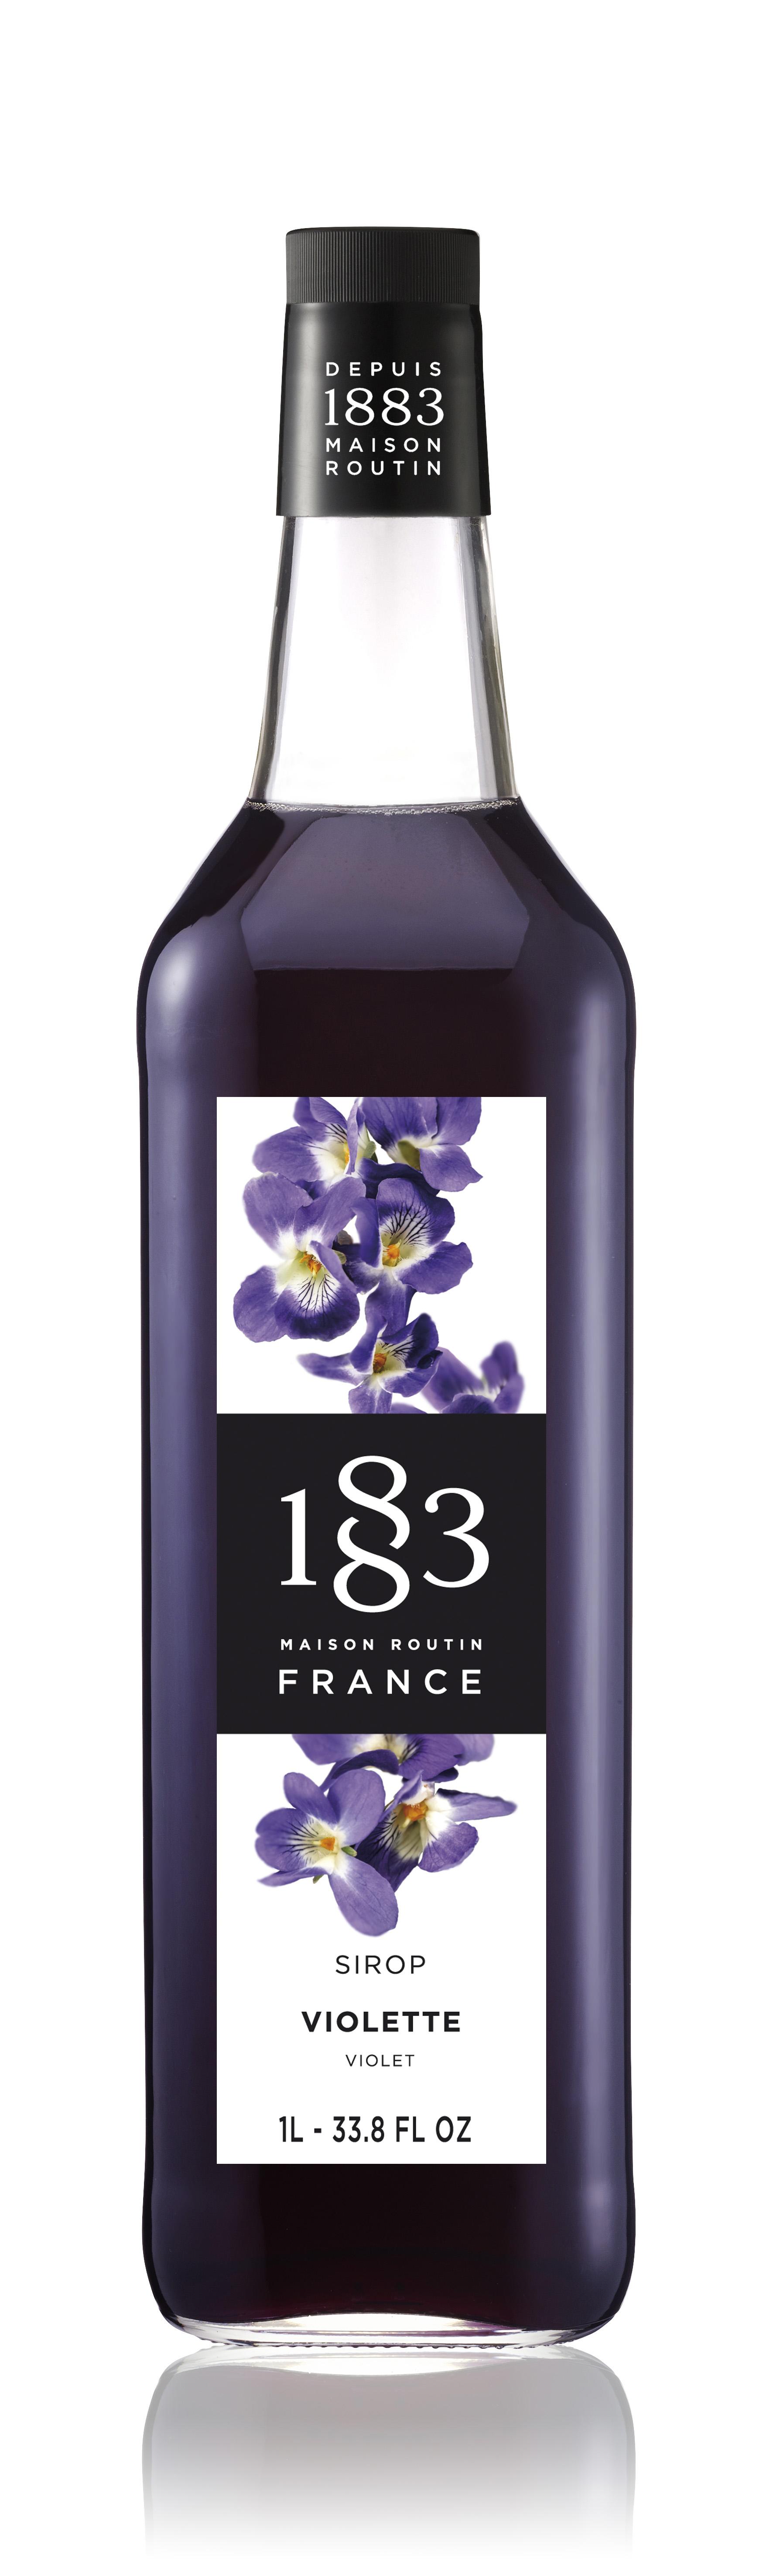 1883 Syrup Violet 1L Glass Bottle